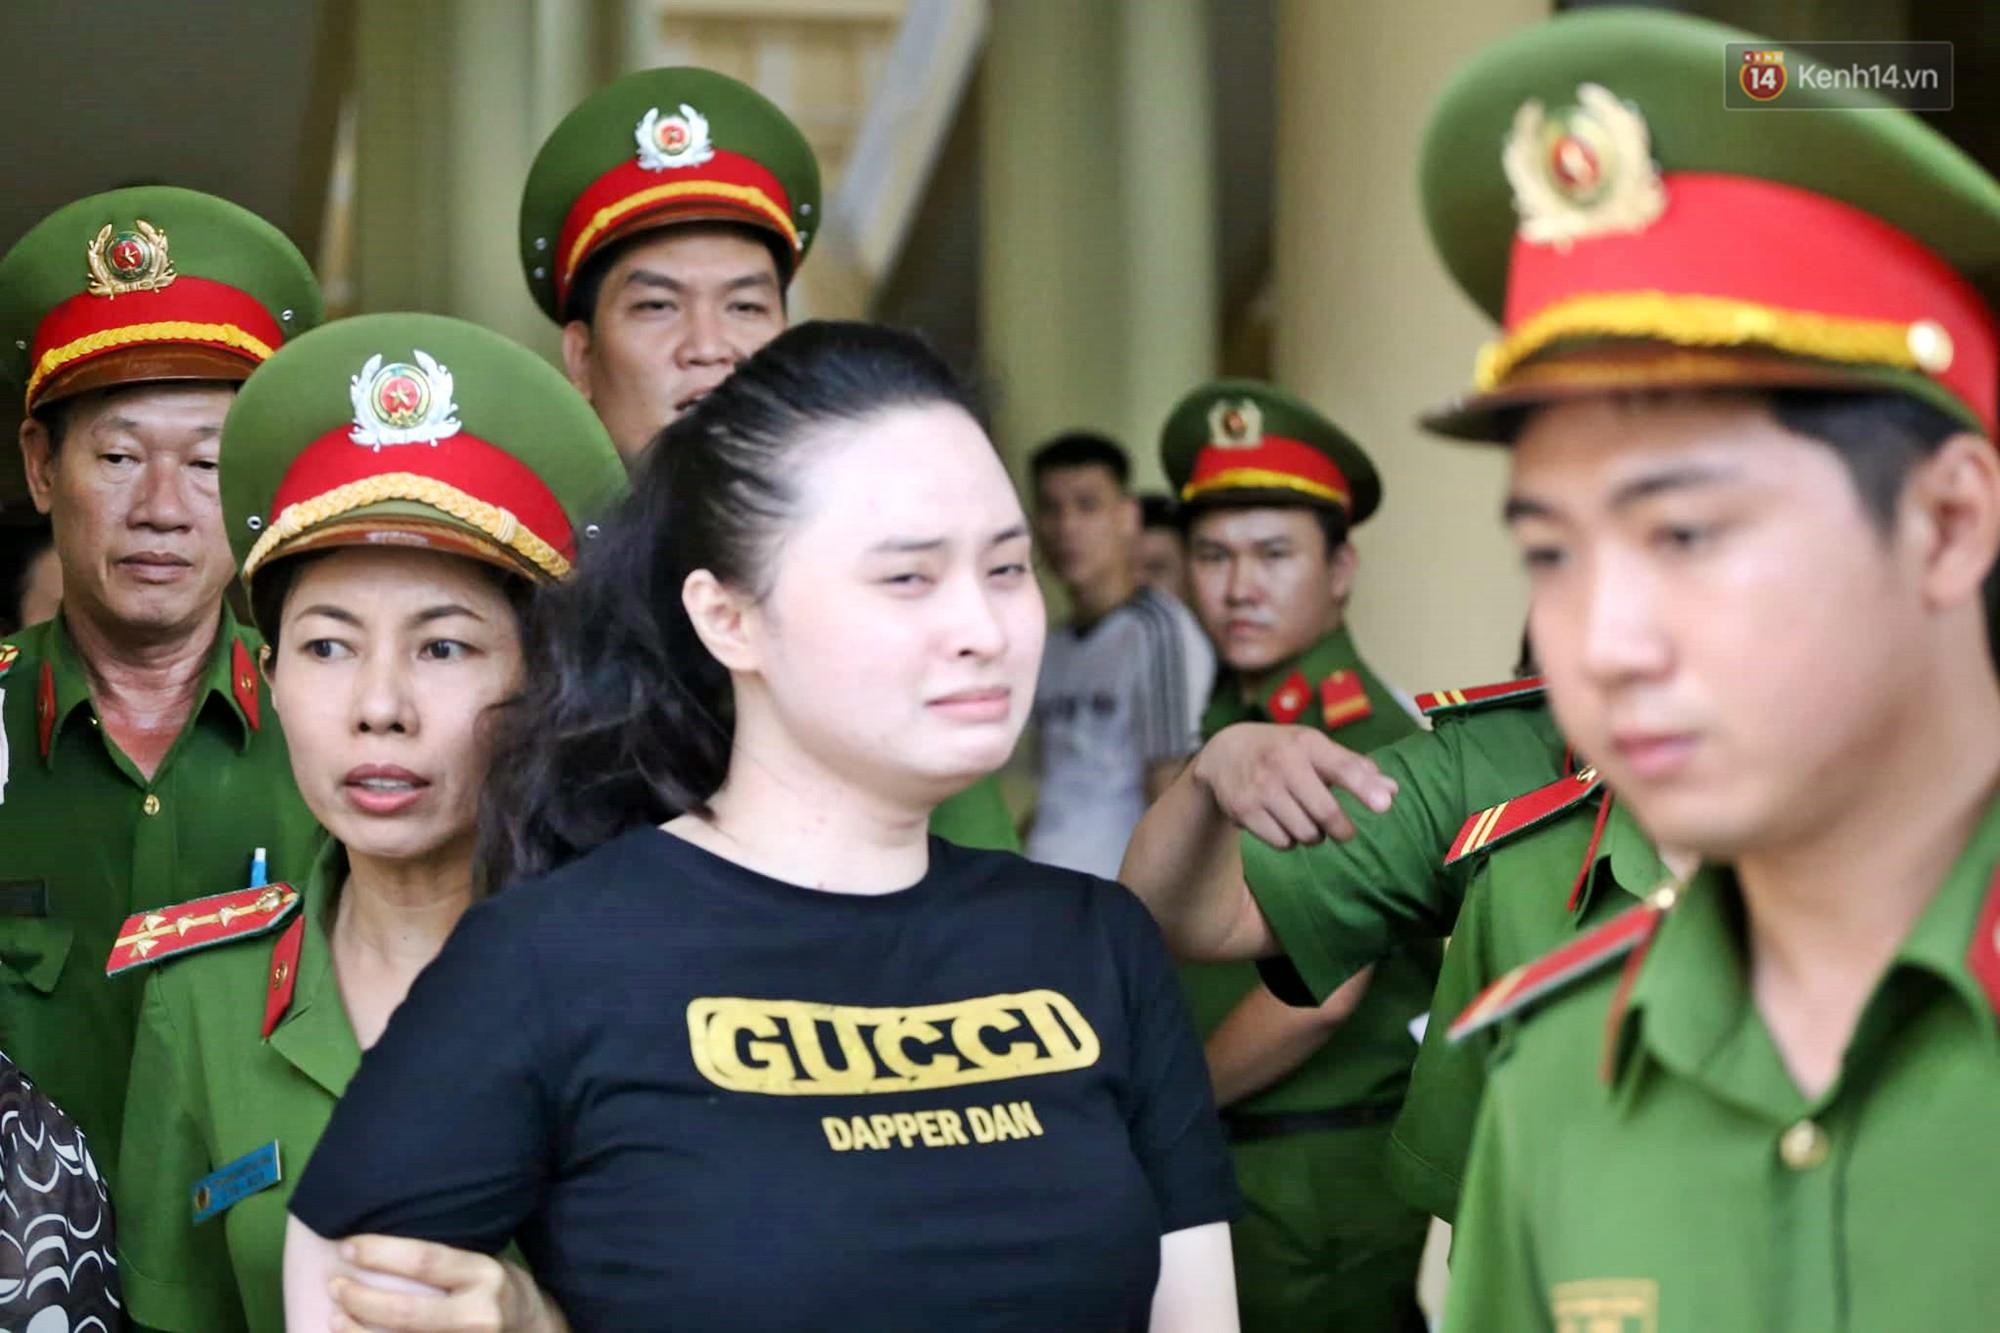 Trùm ma túy Văn Kính Dương giơ tay chào người thân, hot girl Ngọc Miu khóc khi bị áp giải ra xe sau phiên xét xử ngày thứ 2-2